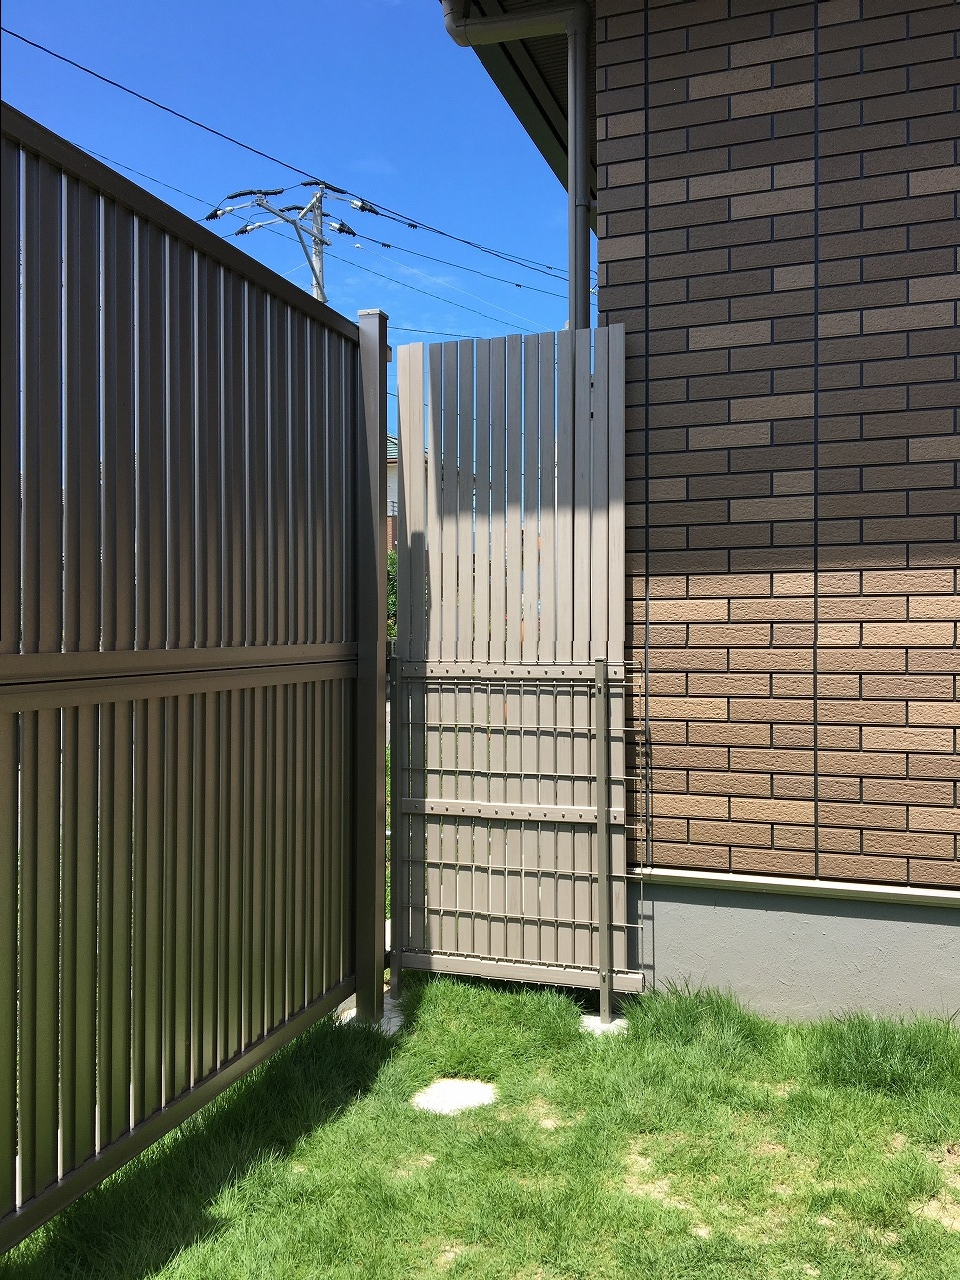 2m 目隠し フェンス